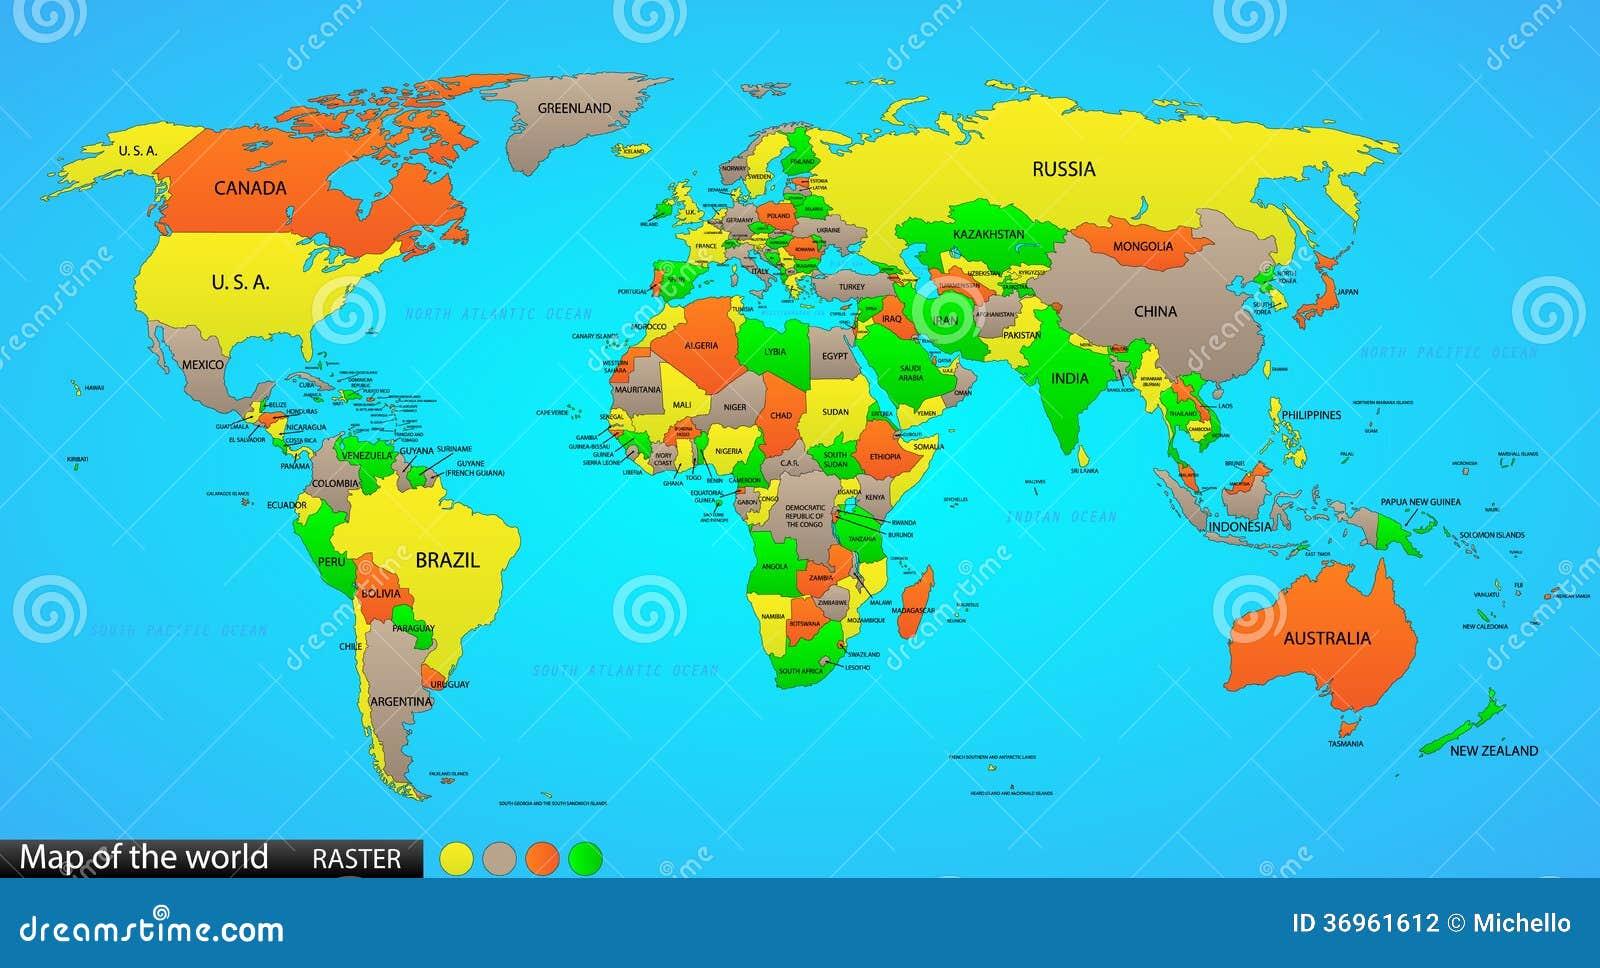 mappa del mondo ile ilgili görsel sonucu mappa del mondo